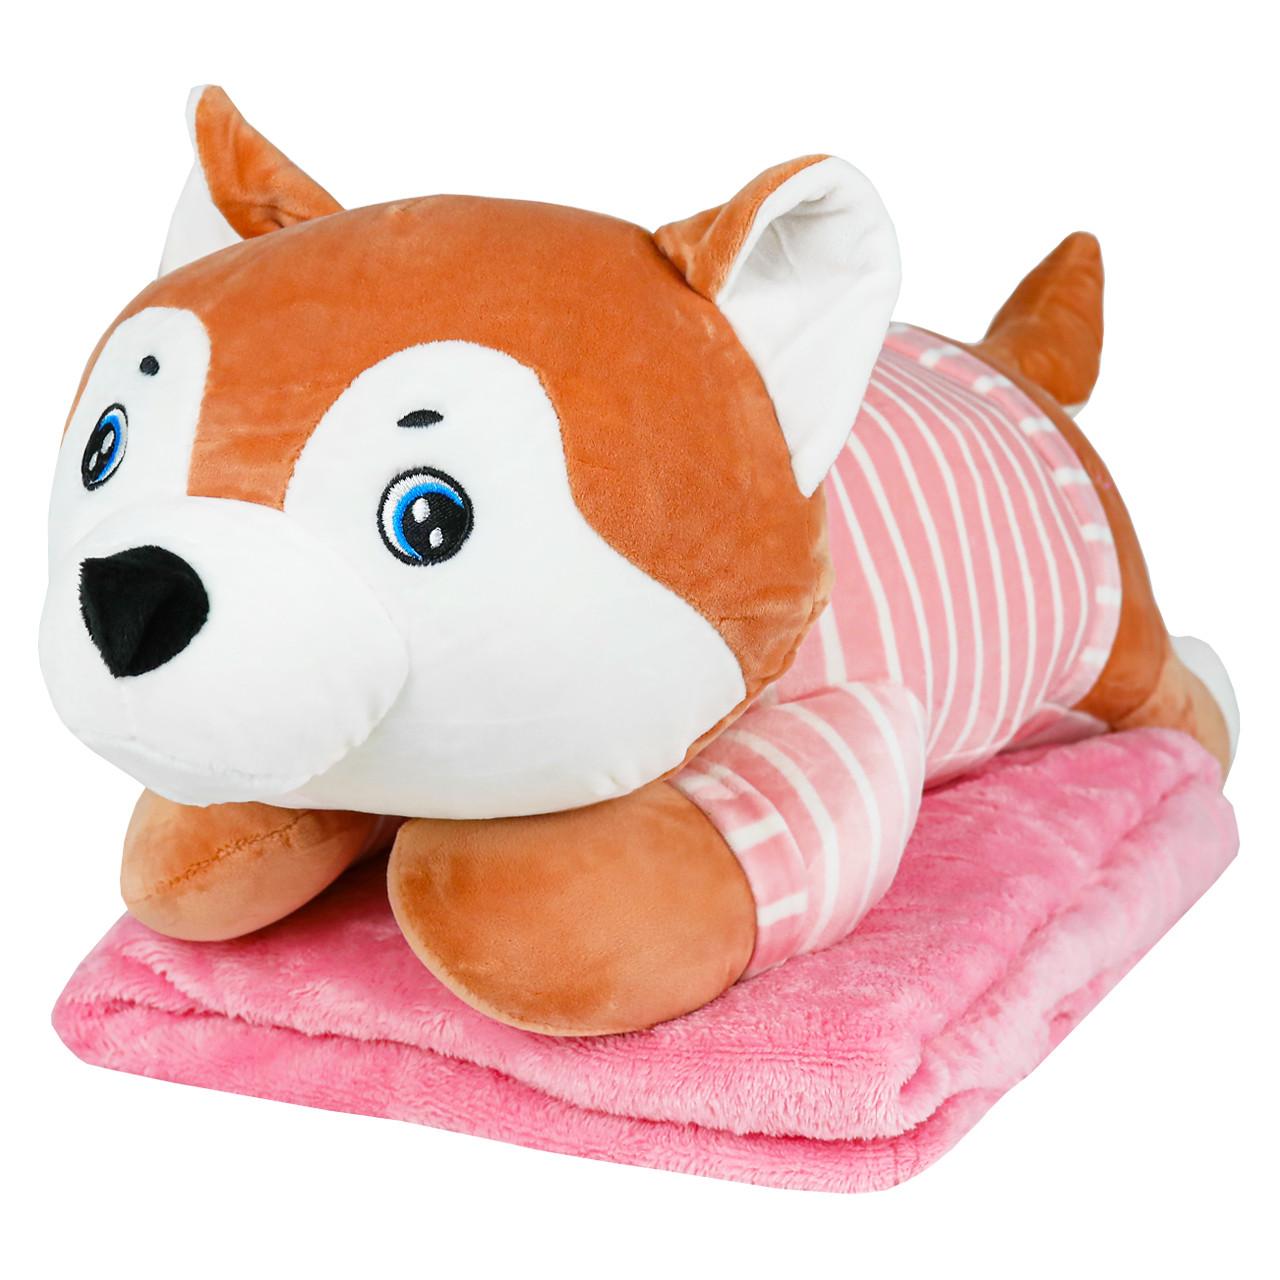 Подушка в авто игрушка плед, декоративная автомобильная подушка-плед Хаски